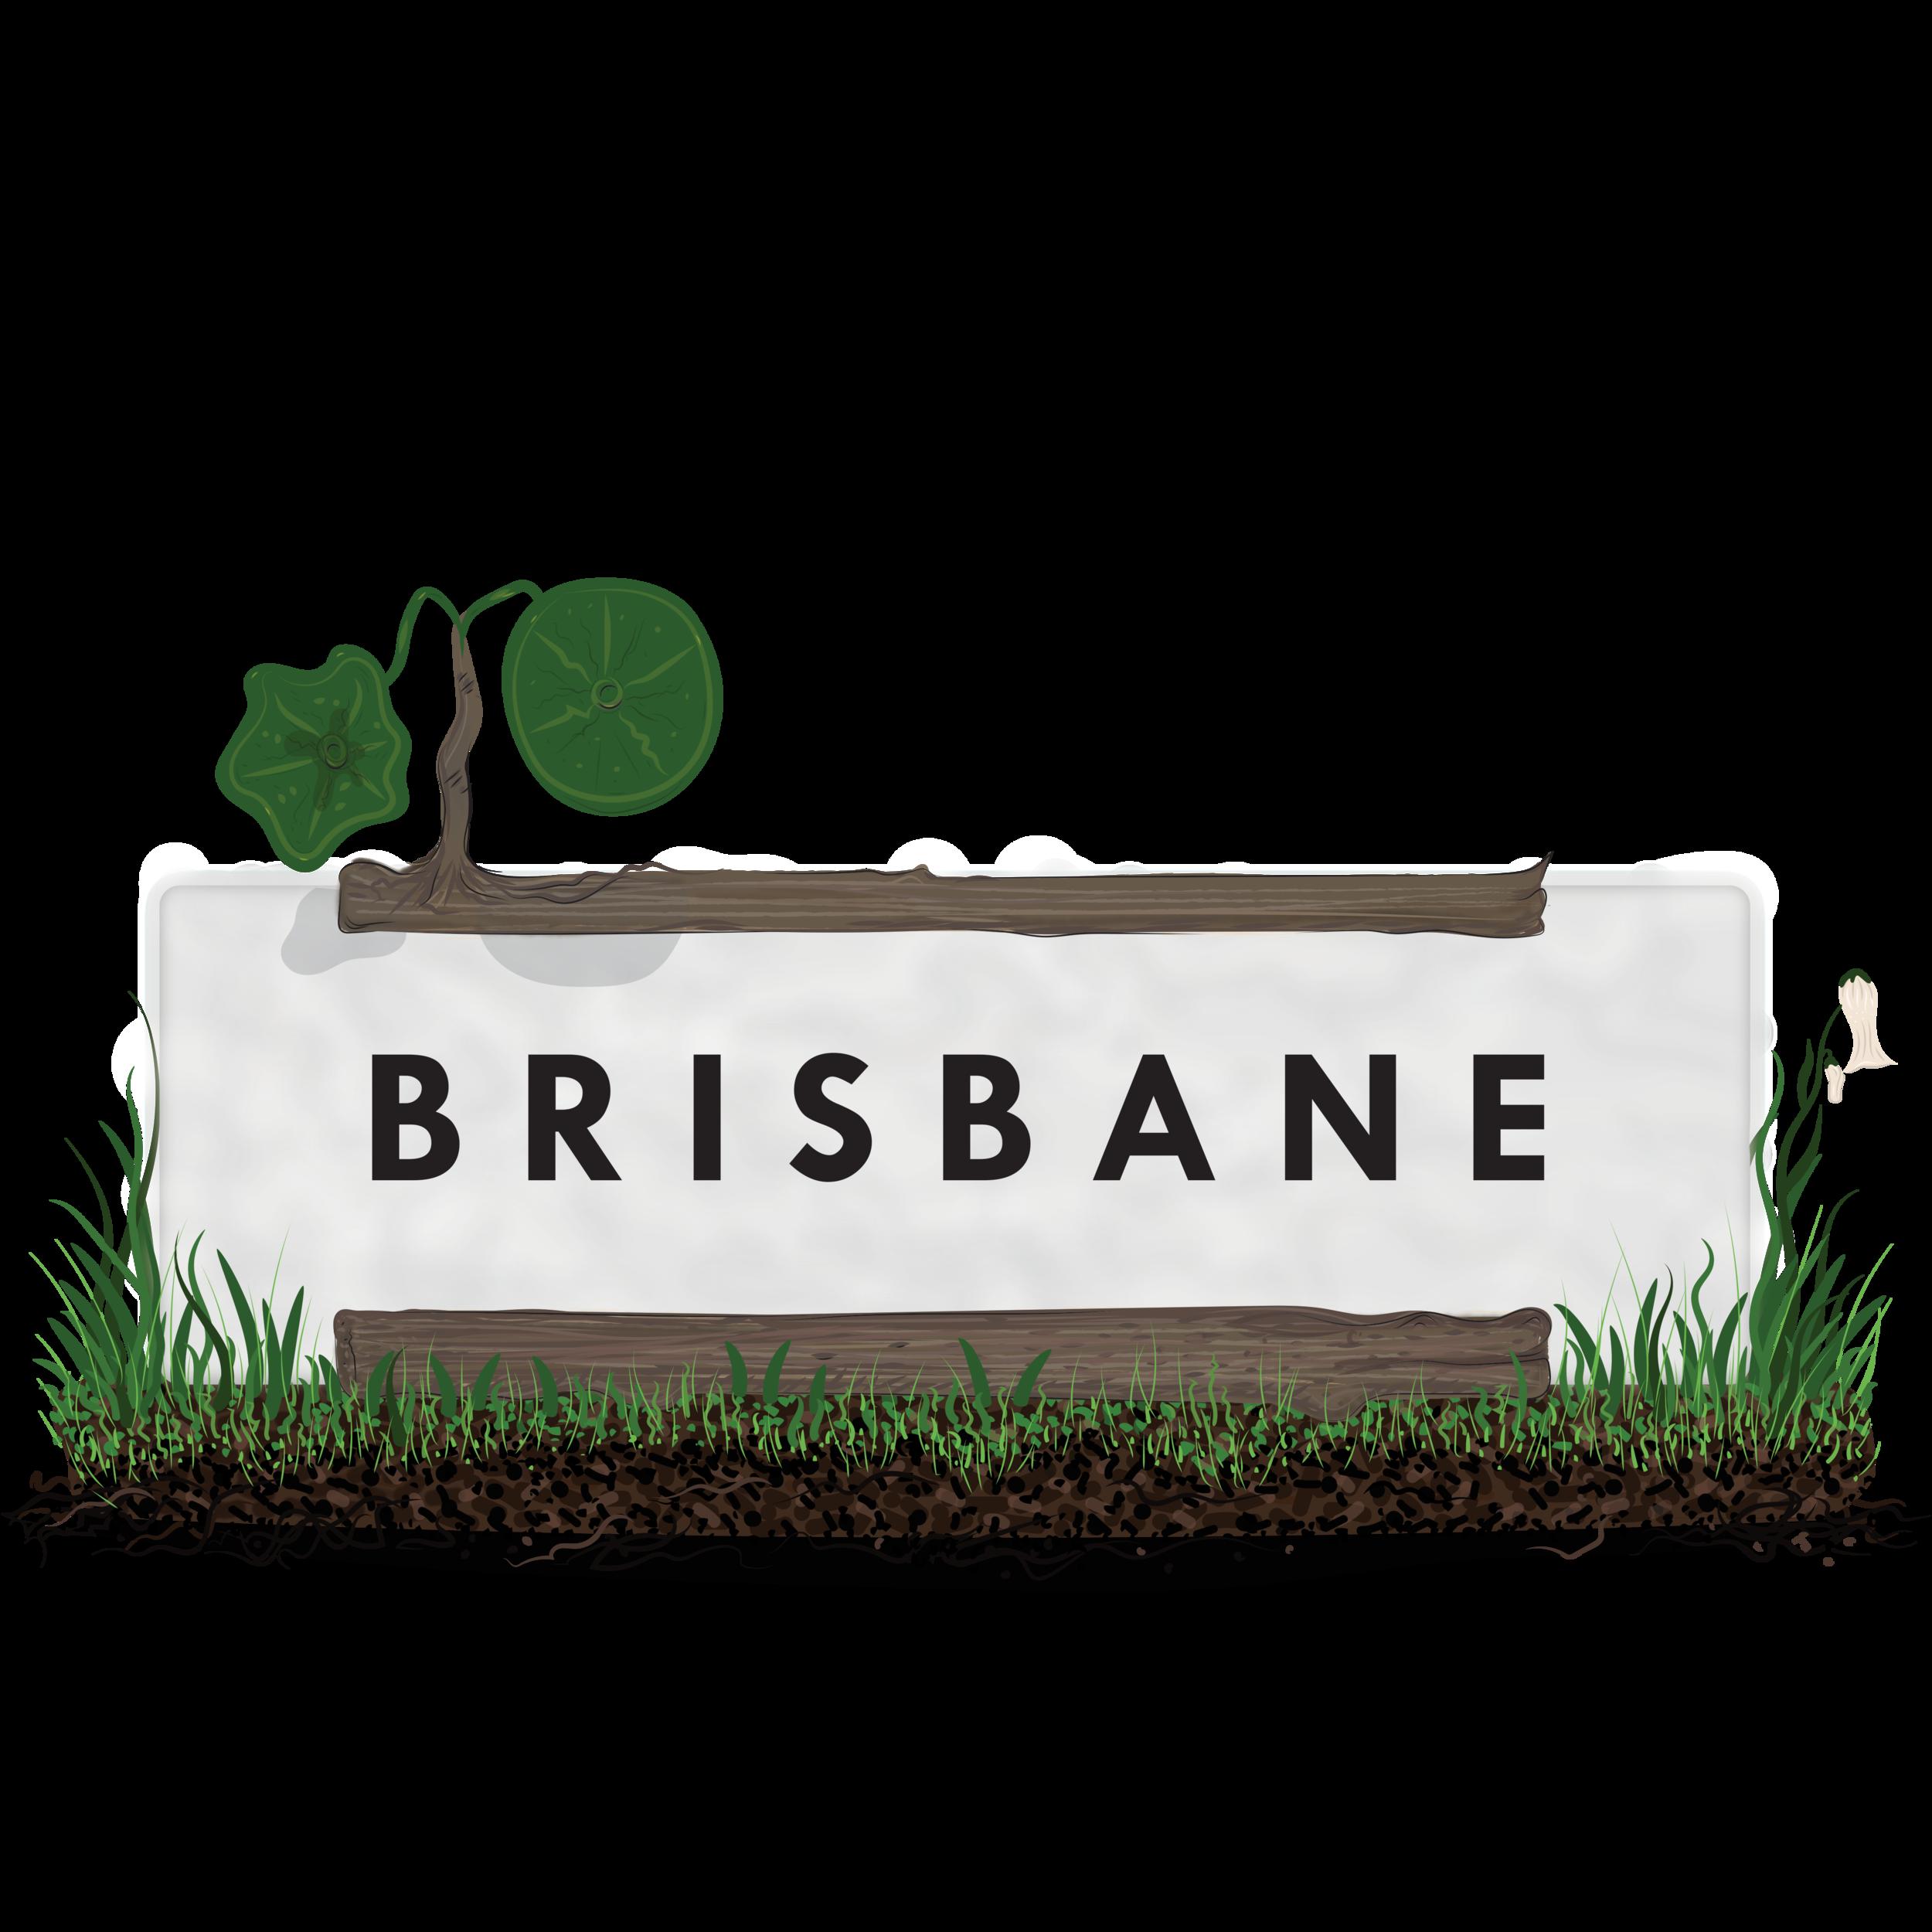 BRISBANE GRASS Landscape.png